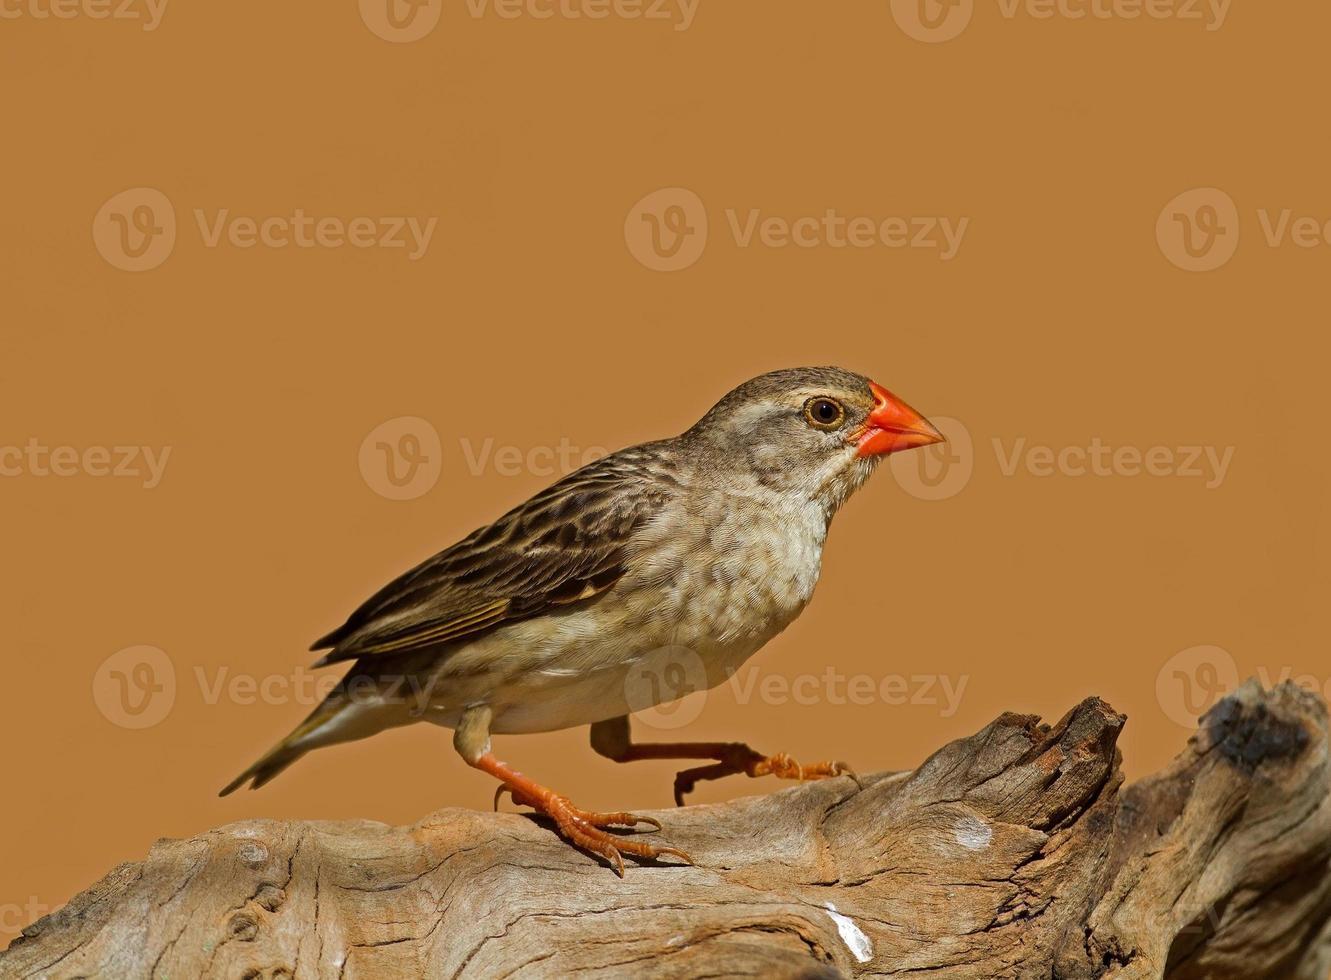 nicht brütende weibliche Rotschnabelquelea auf Baumstamm foto